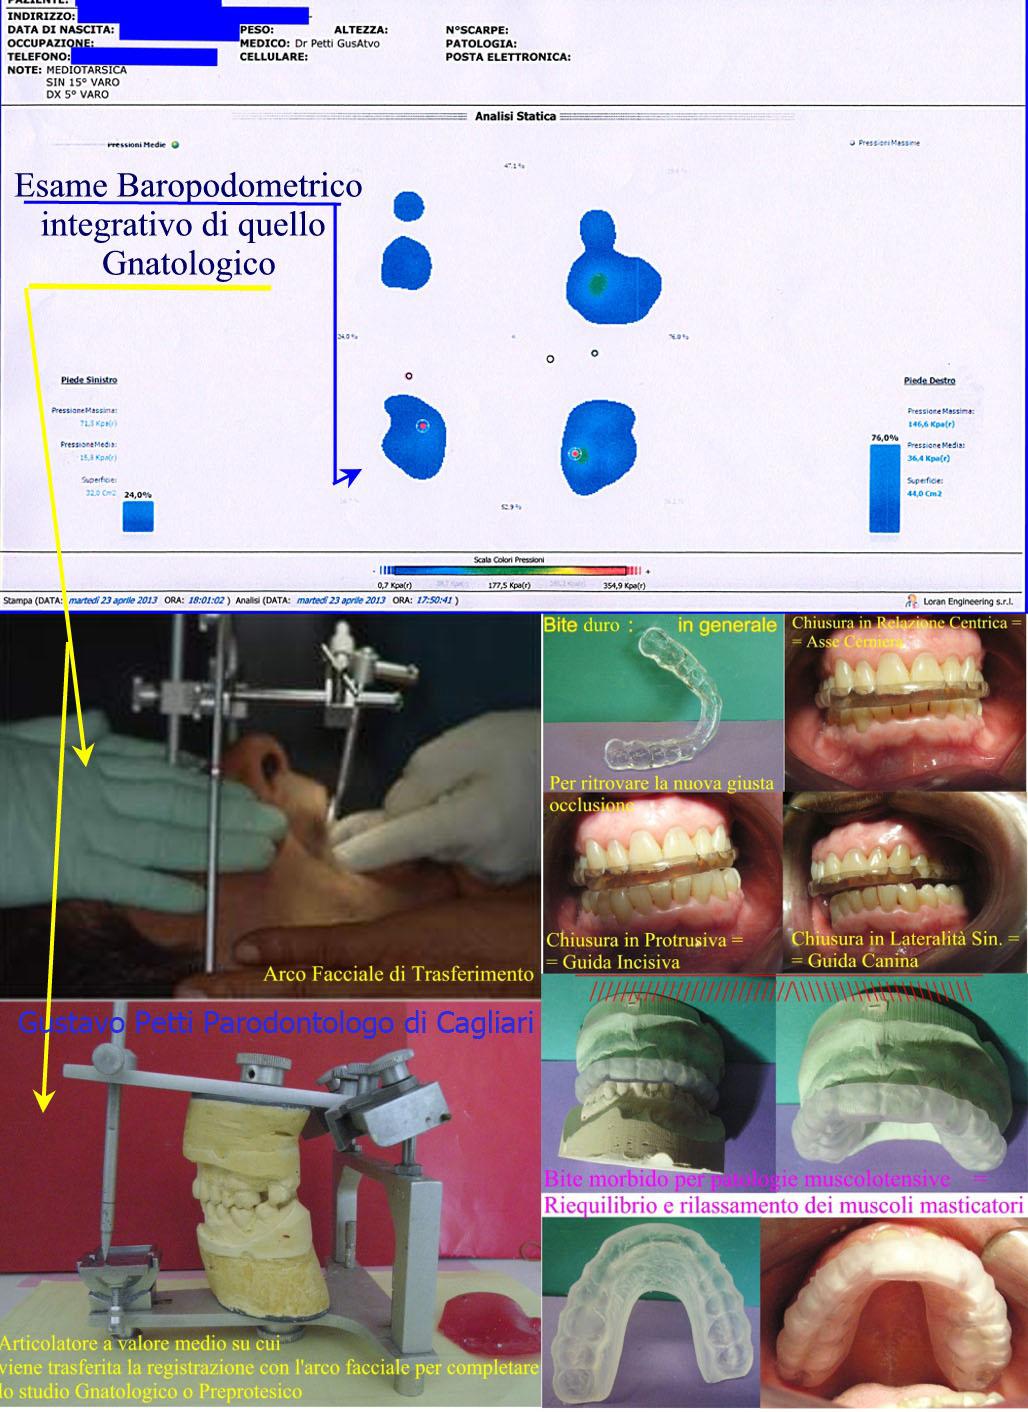 Dr. Gustavo Petti Parodontologo Protesista di Cagliari Riabilitatore in Casi Clinici Complessi.Arco Facciale di Trasferimento di cui parlo nel Testo.